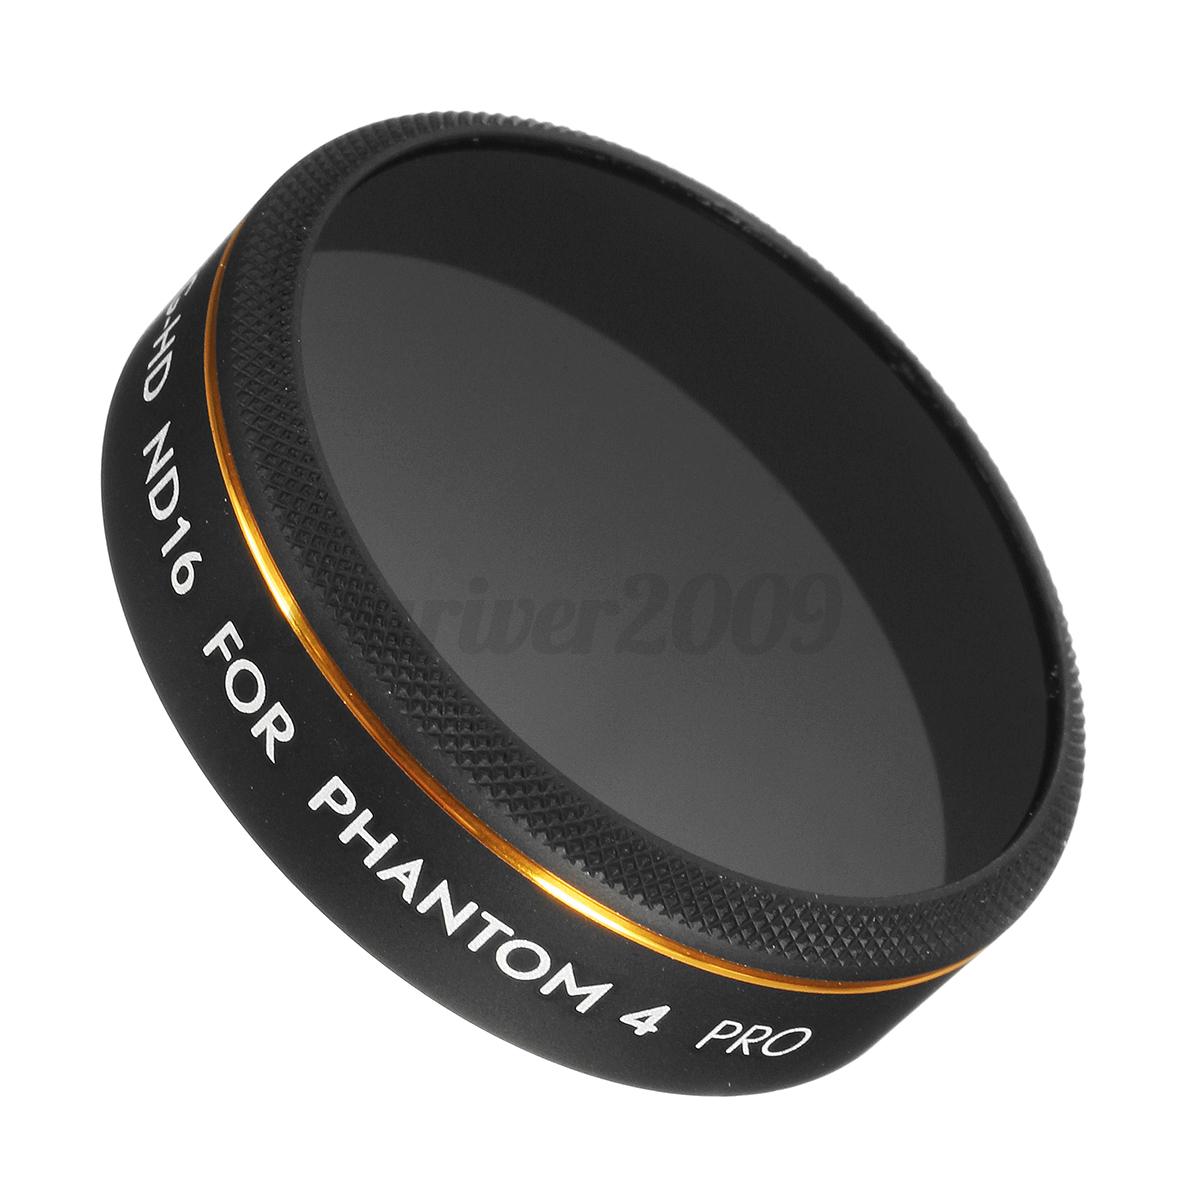 Светофильтр nd32 phantom 4 pro на ebay купить glasses стоимость с доставкой в электросталь